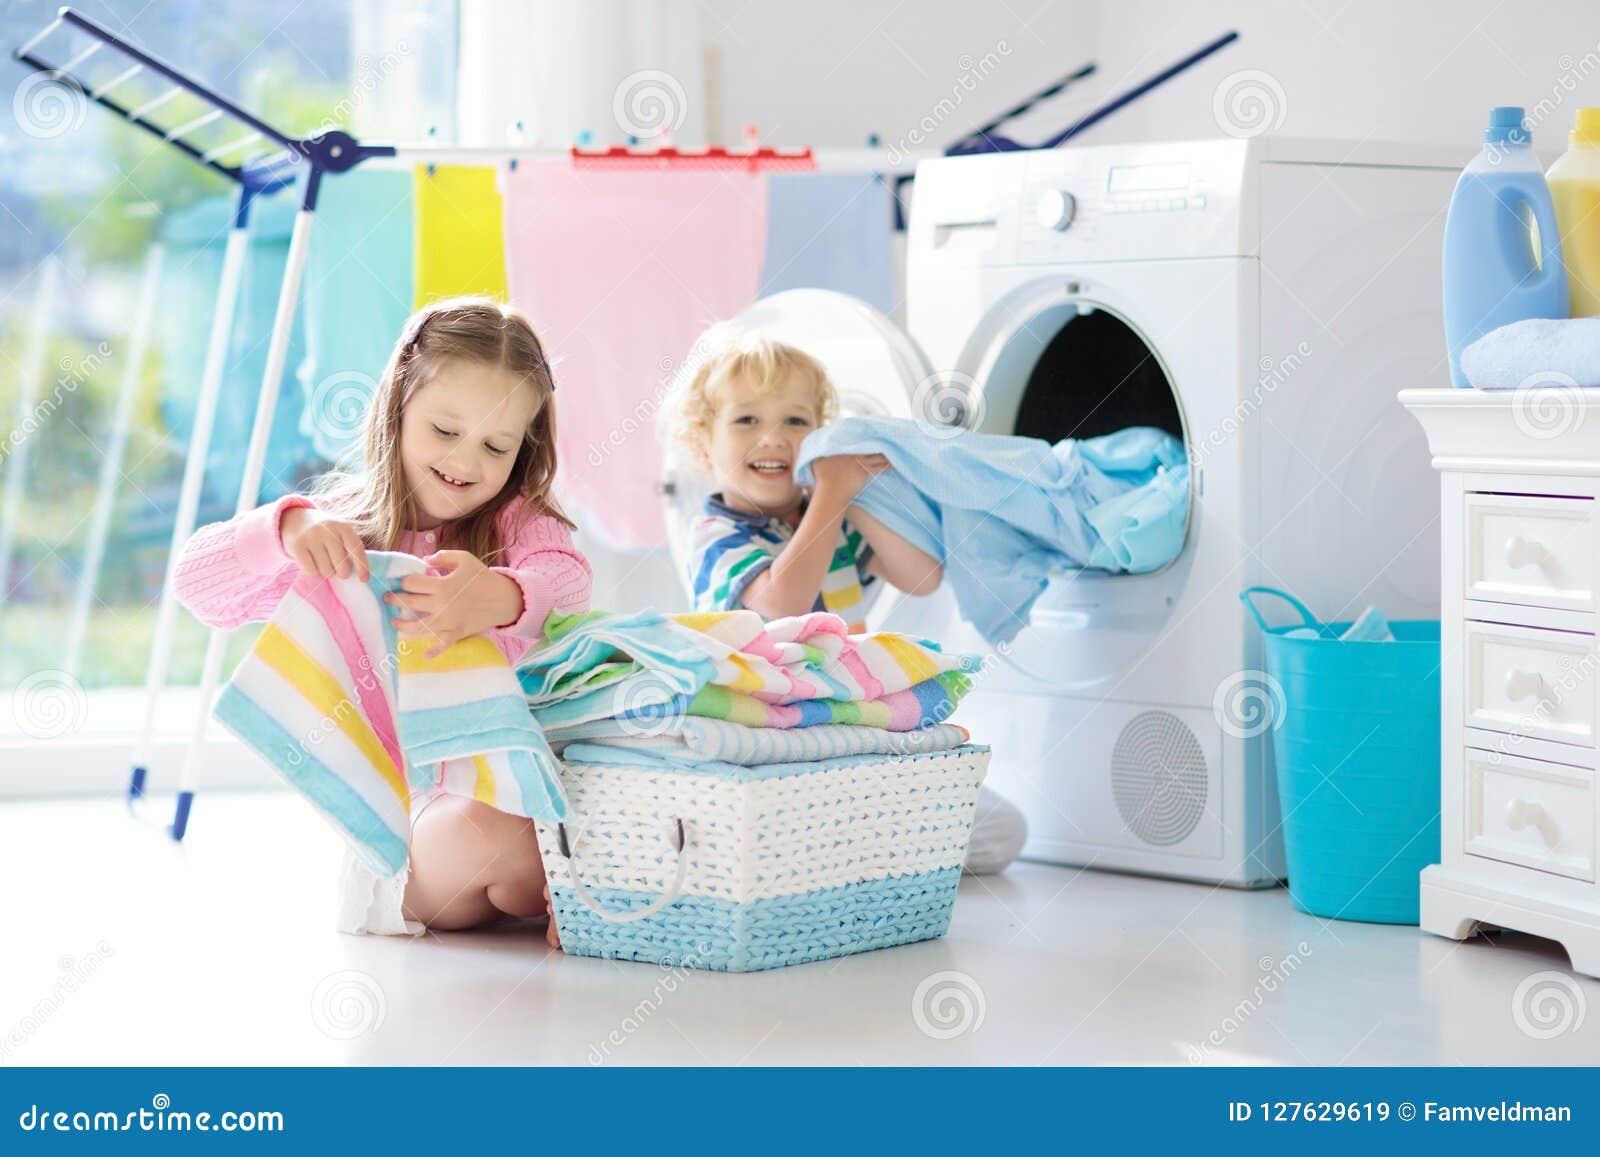 Niños en lavadero con la lavadora